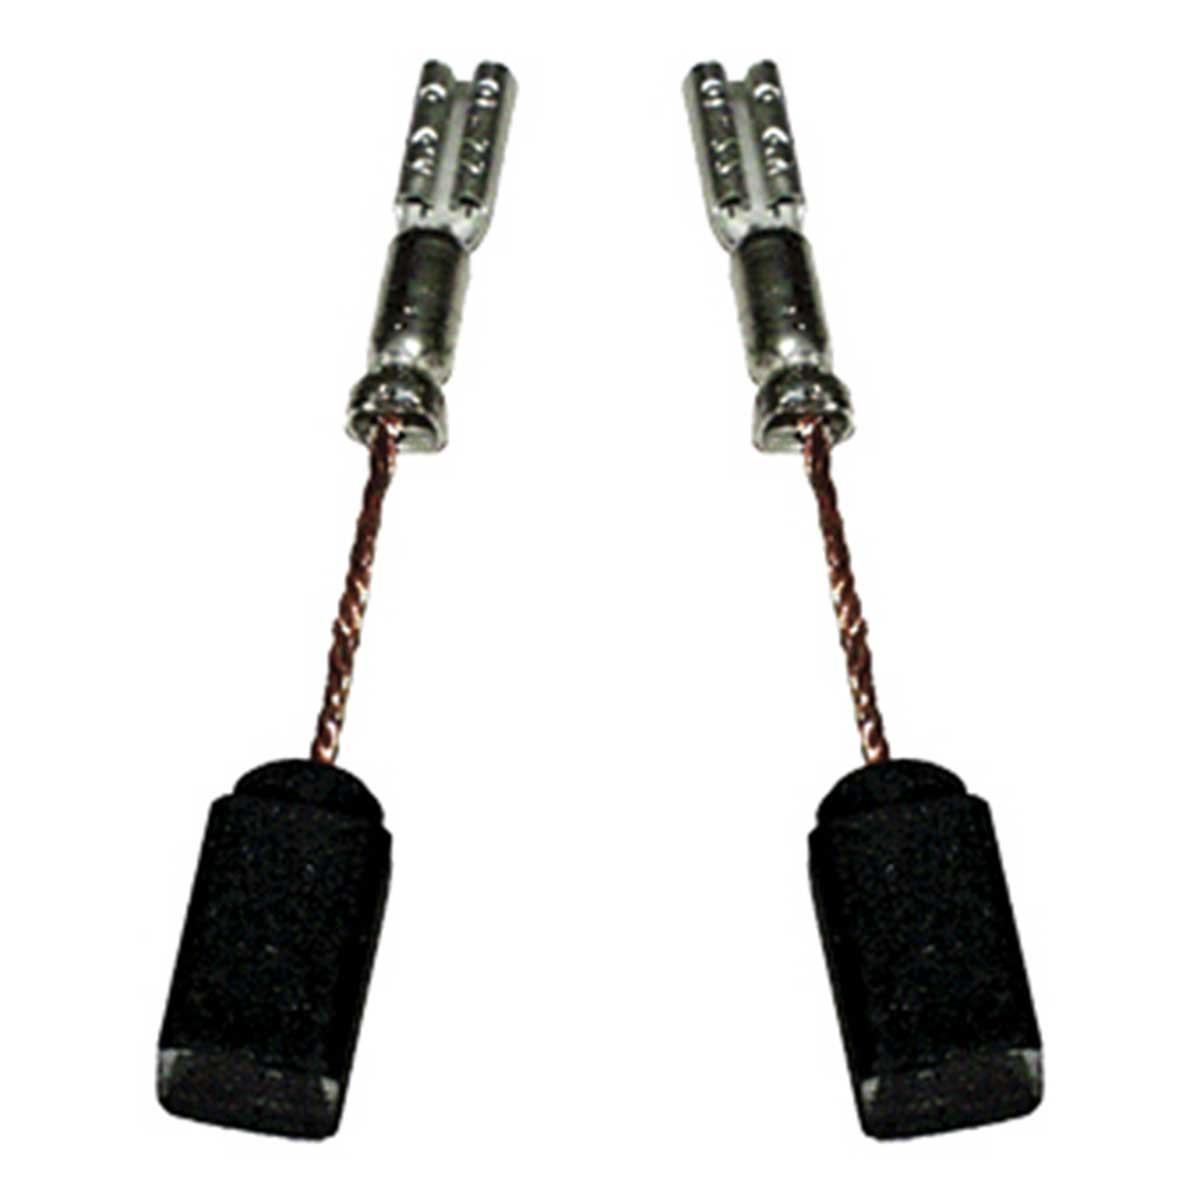 AWP66 Replacement Brush for Alpha AWP-158